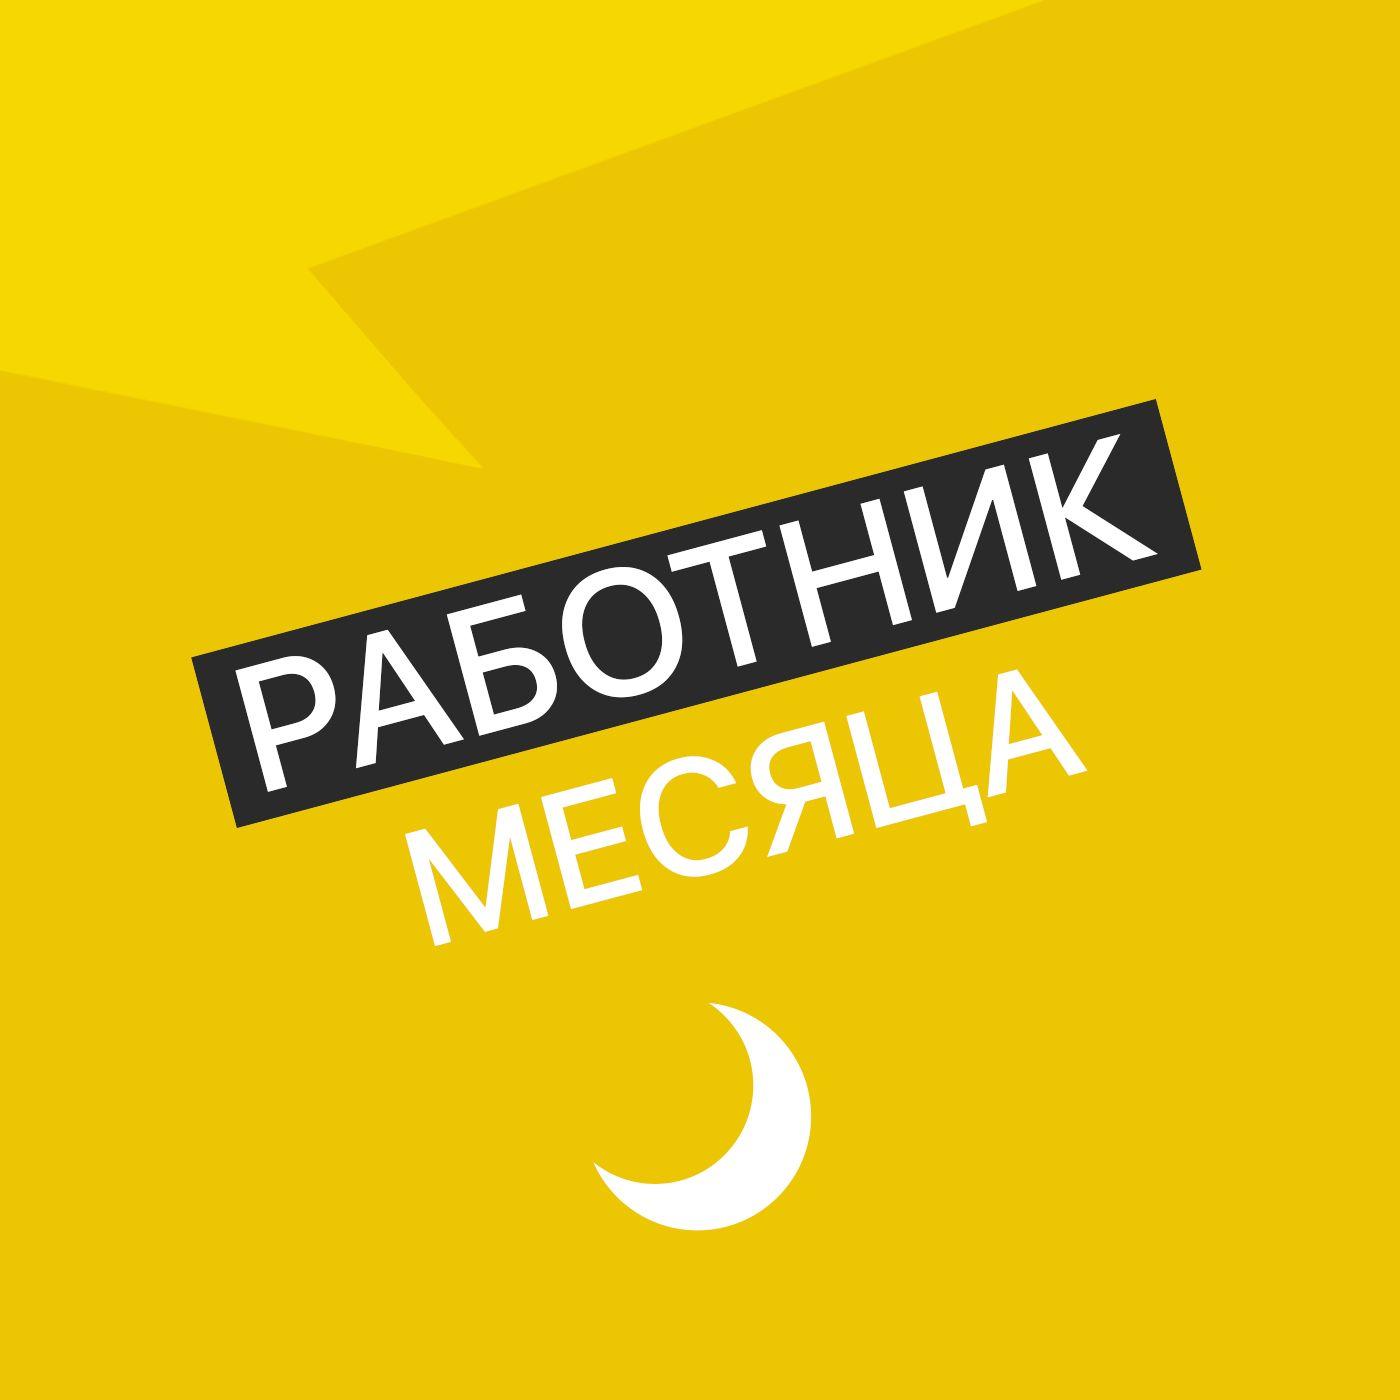 Творческий коллектив Mojomedia Индивидуалка. Часть 1 альберт измайлов стихами бродского звучит в нас ленинград